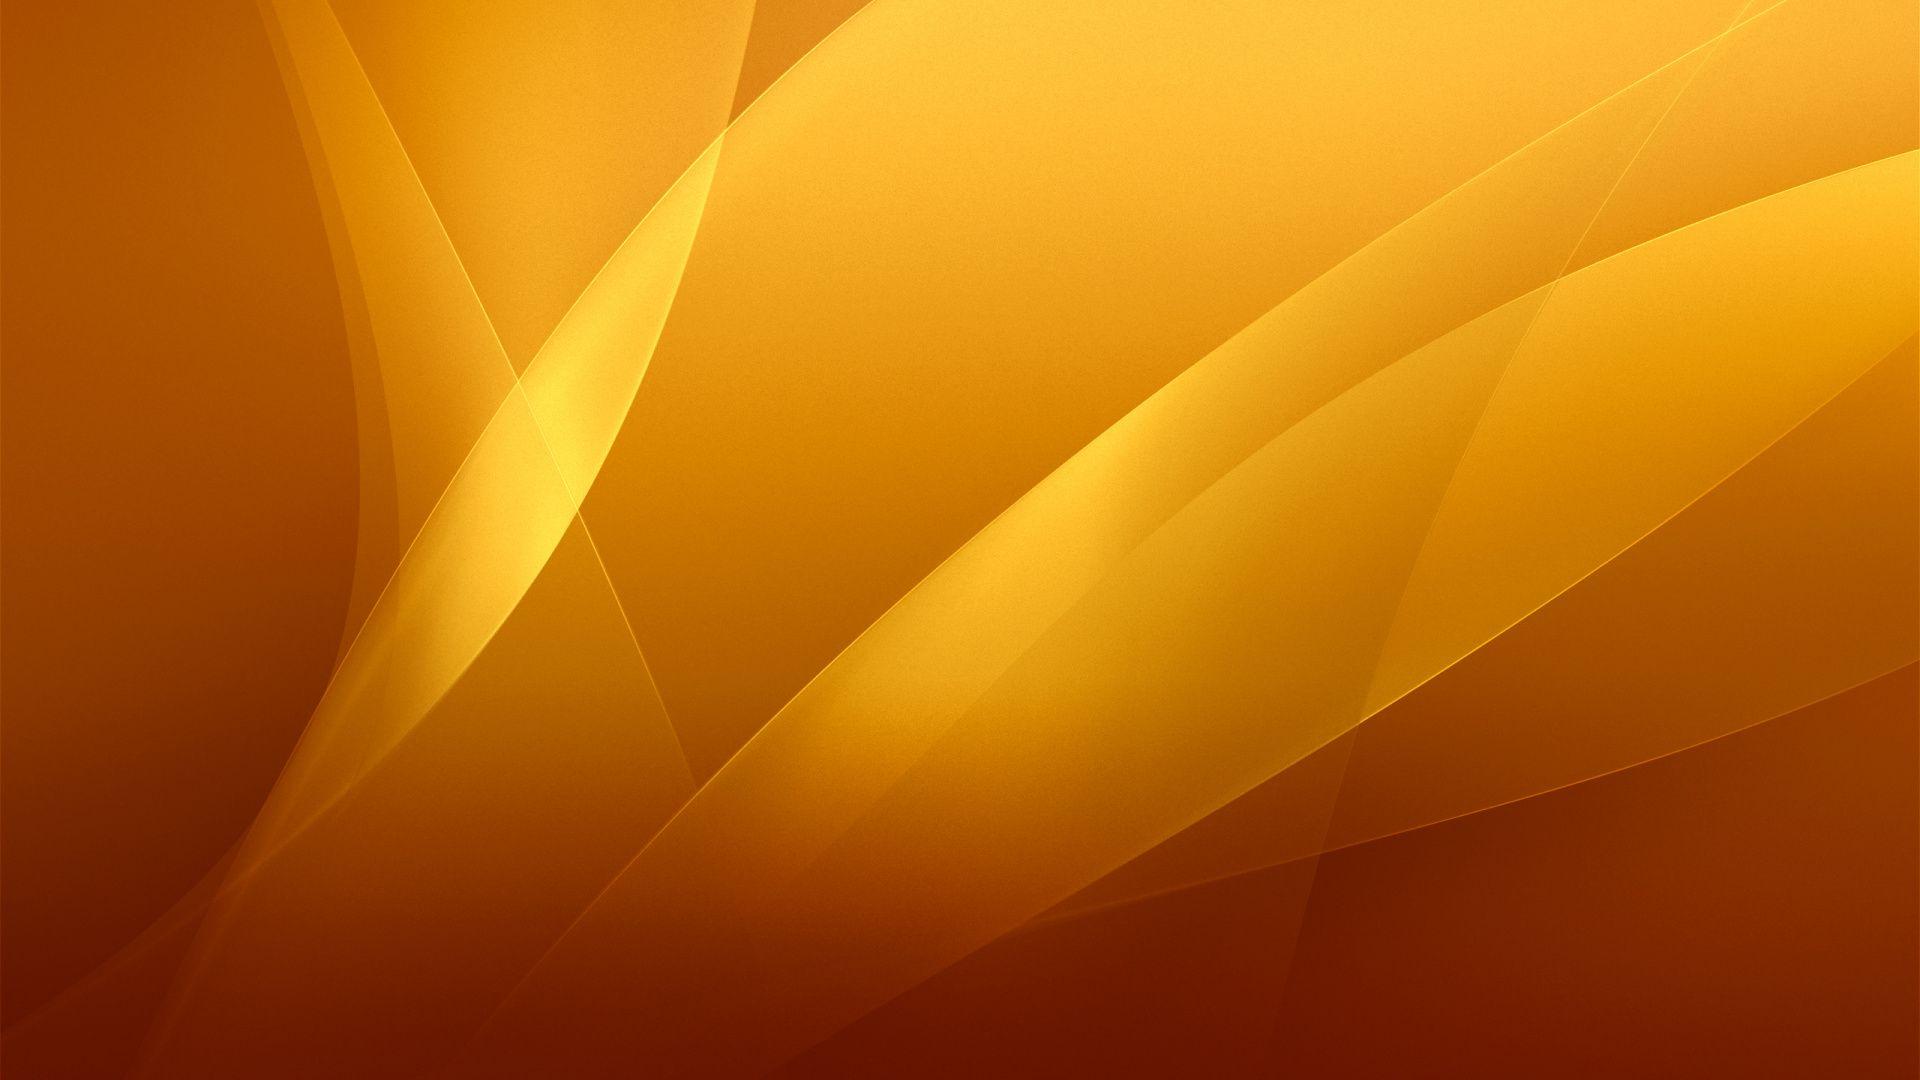 Orange a wallpaper